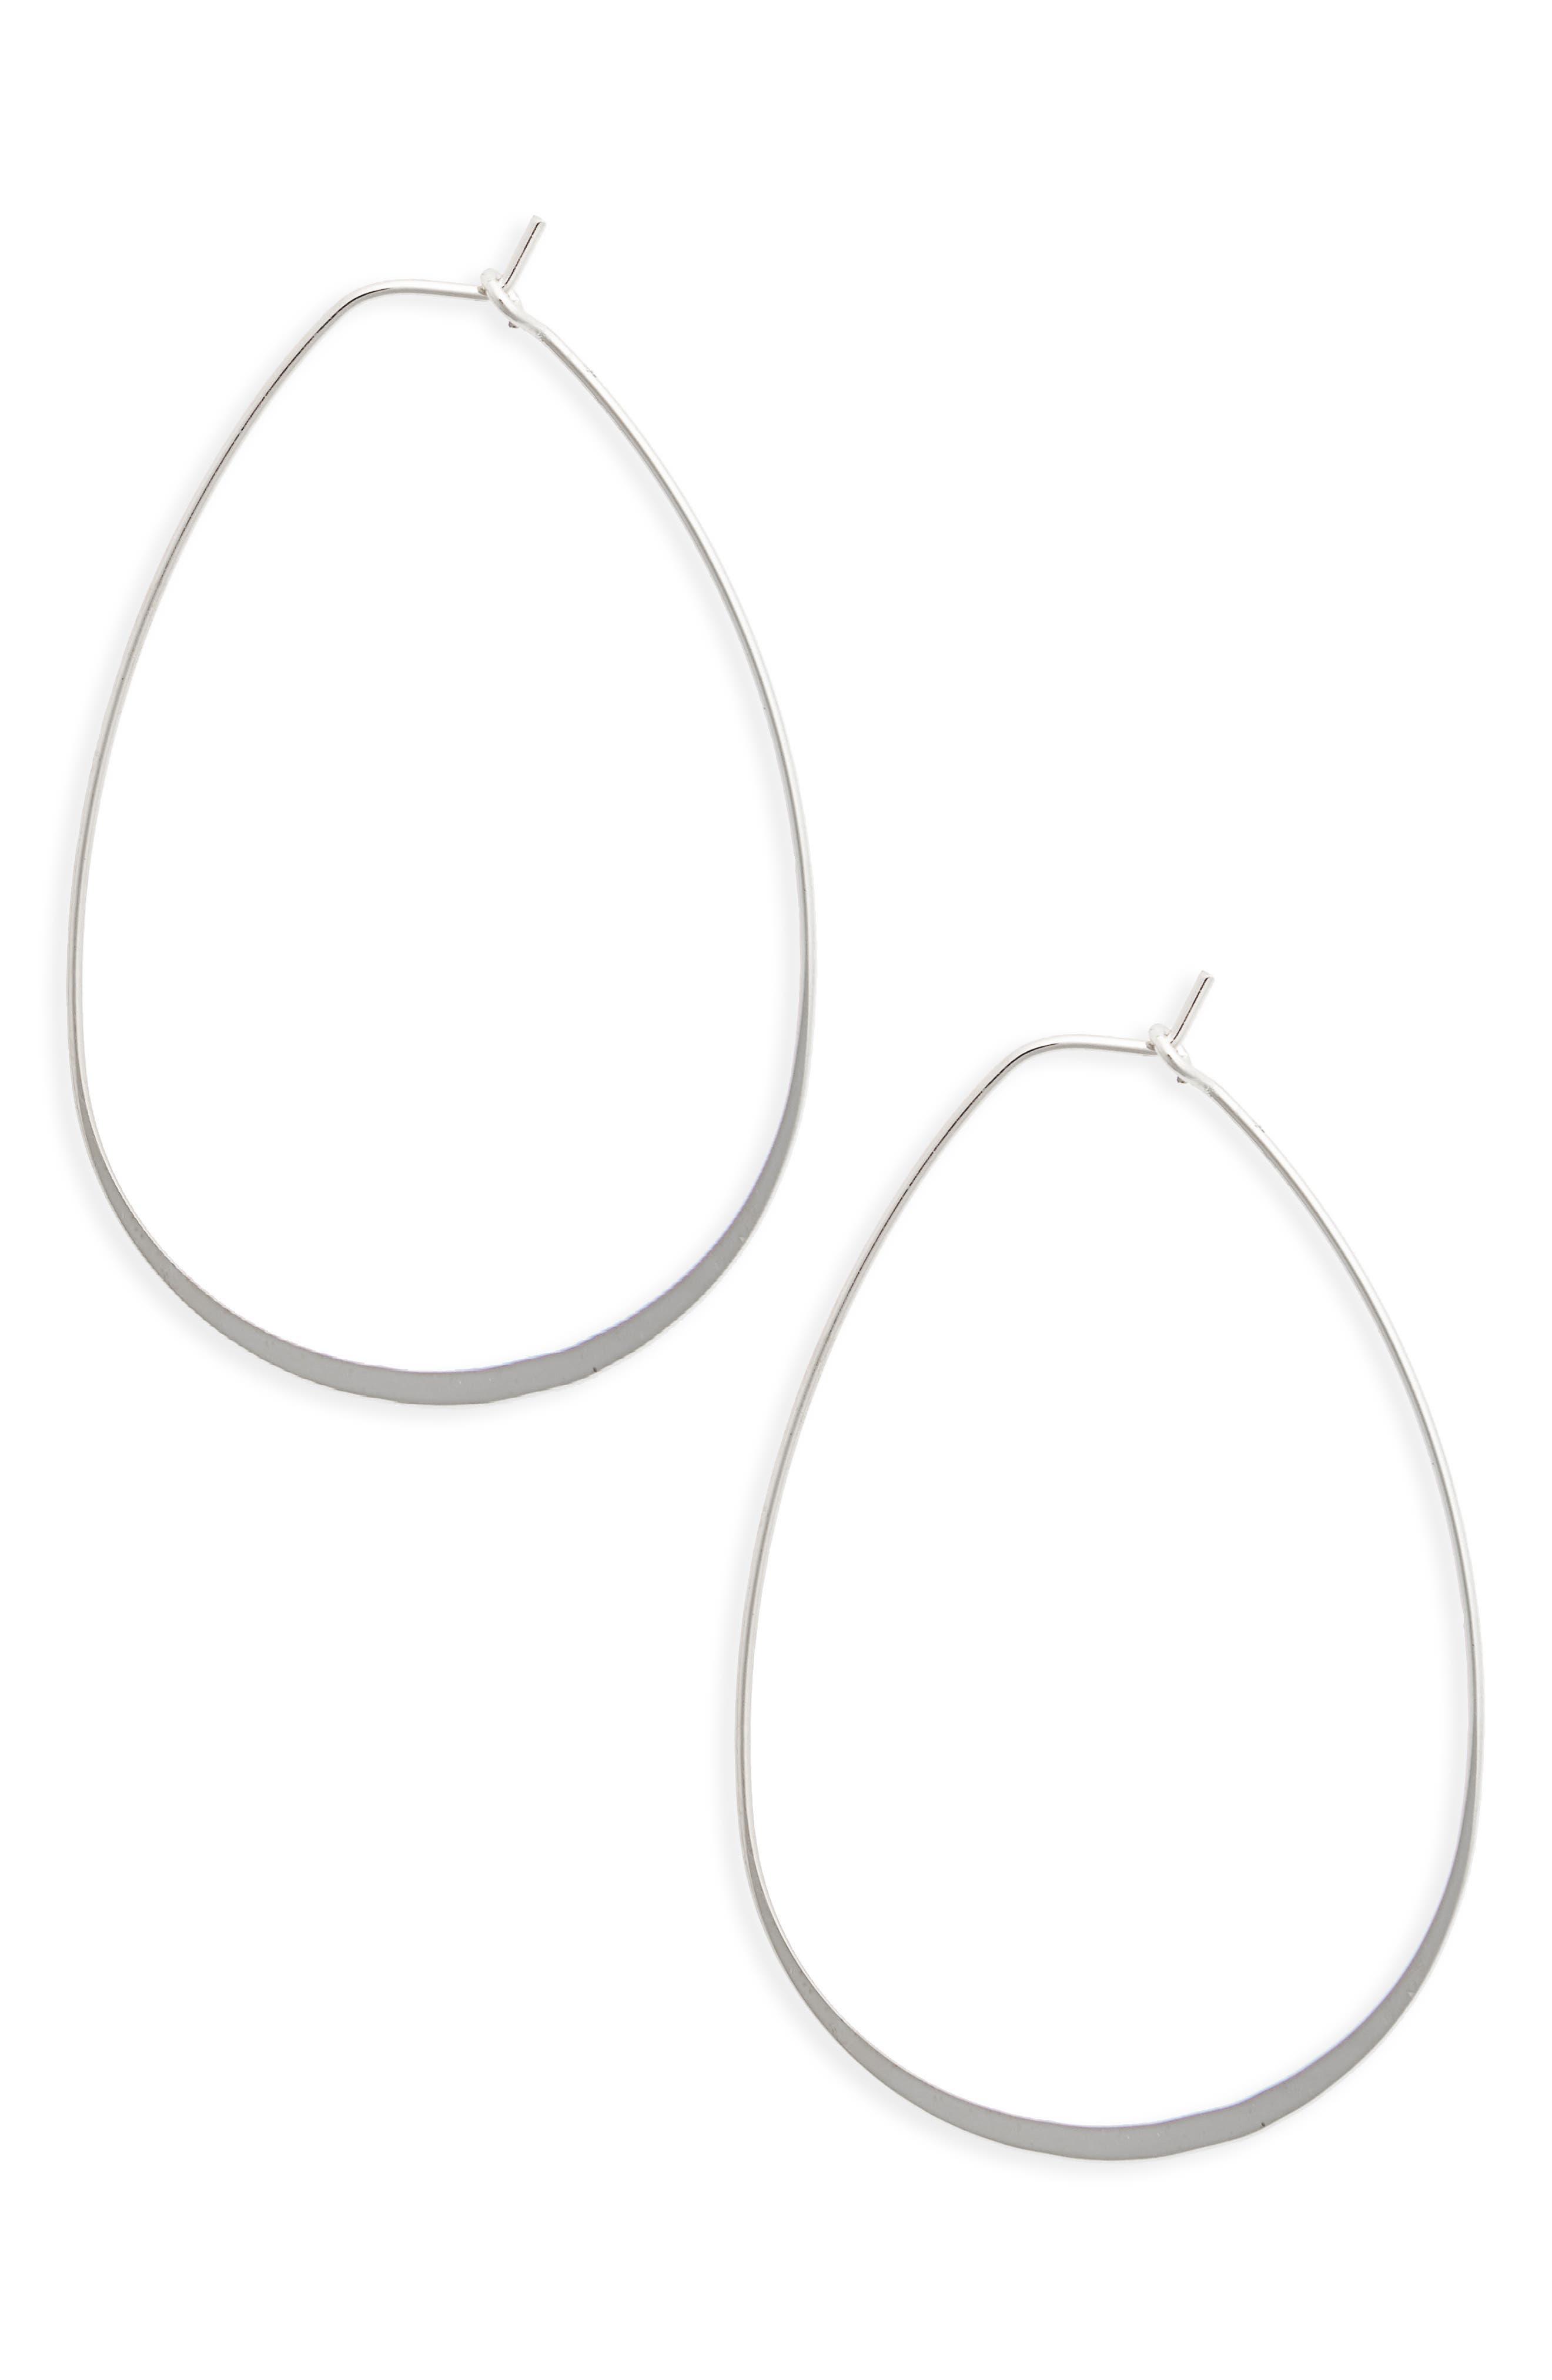 Flat Oval Hoop Earrings,                             Main thumbnail 1, color,                             040